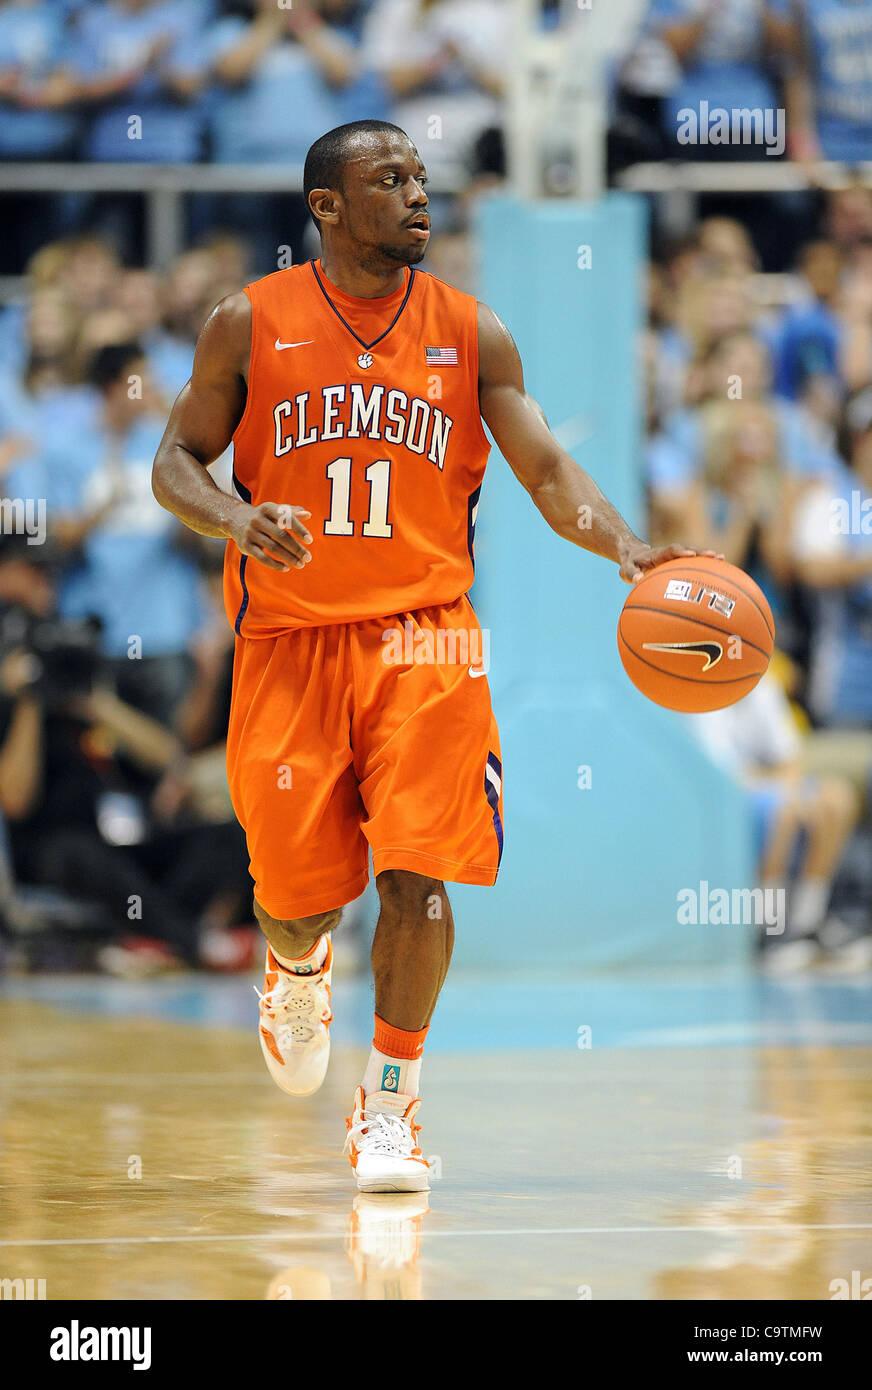 Febbraio 18, 2012 - Chapel Hill, North Carolina, Stati Uniti d'America - ANDRE giovani (11) del Clemson Tigers Immagini Stock